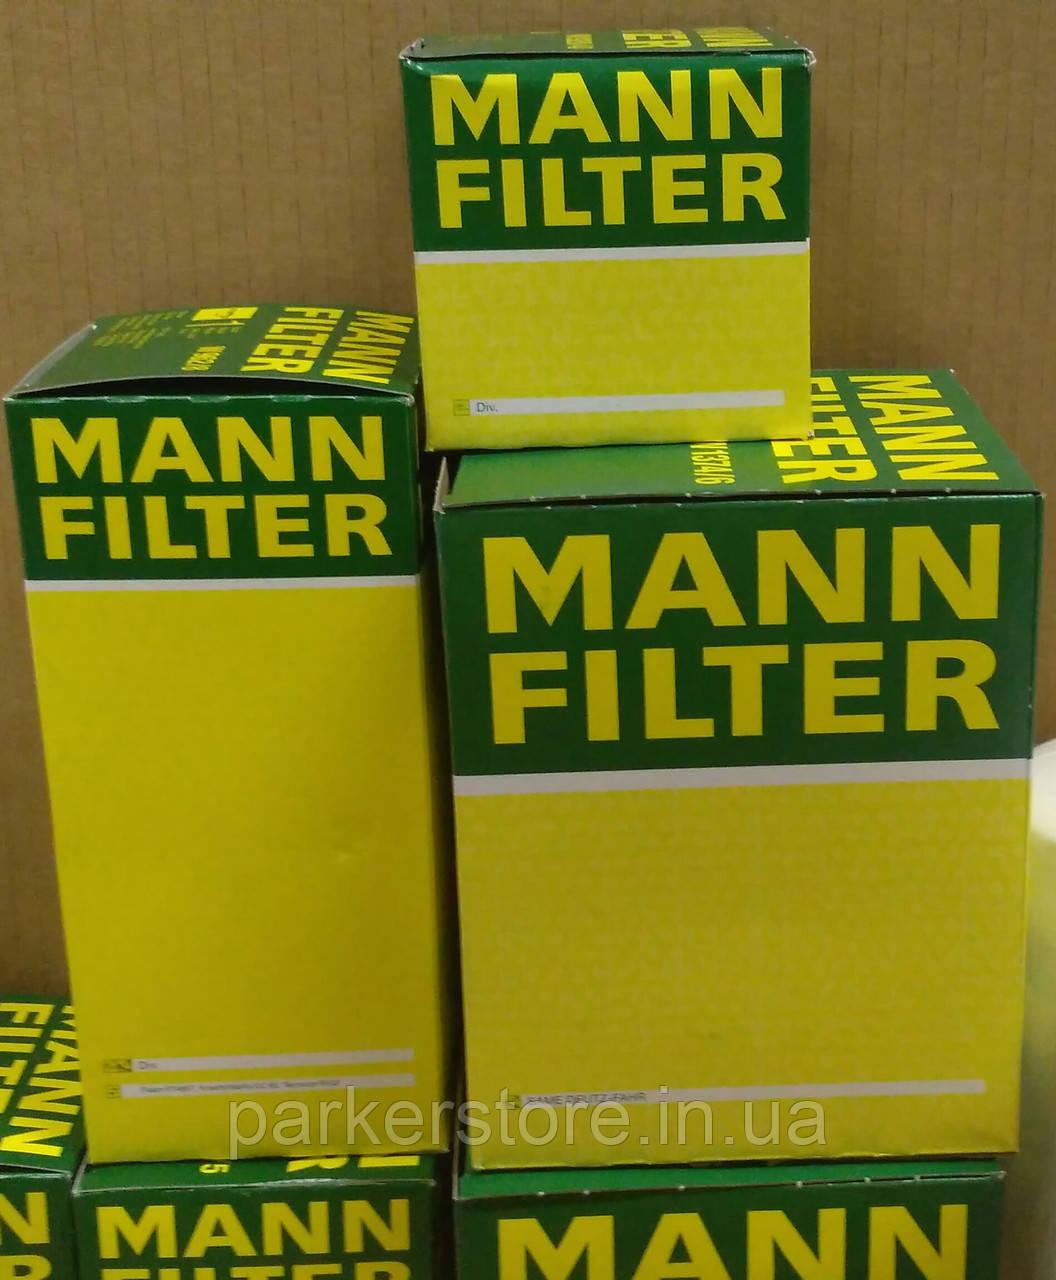 MANN FILTER / Воздушный фильтр / C 26 012 / C26012